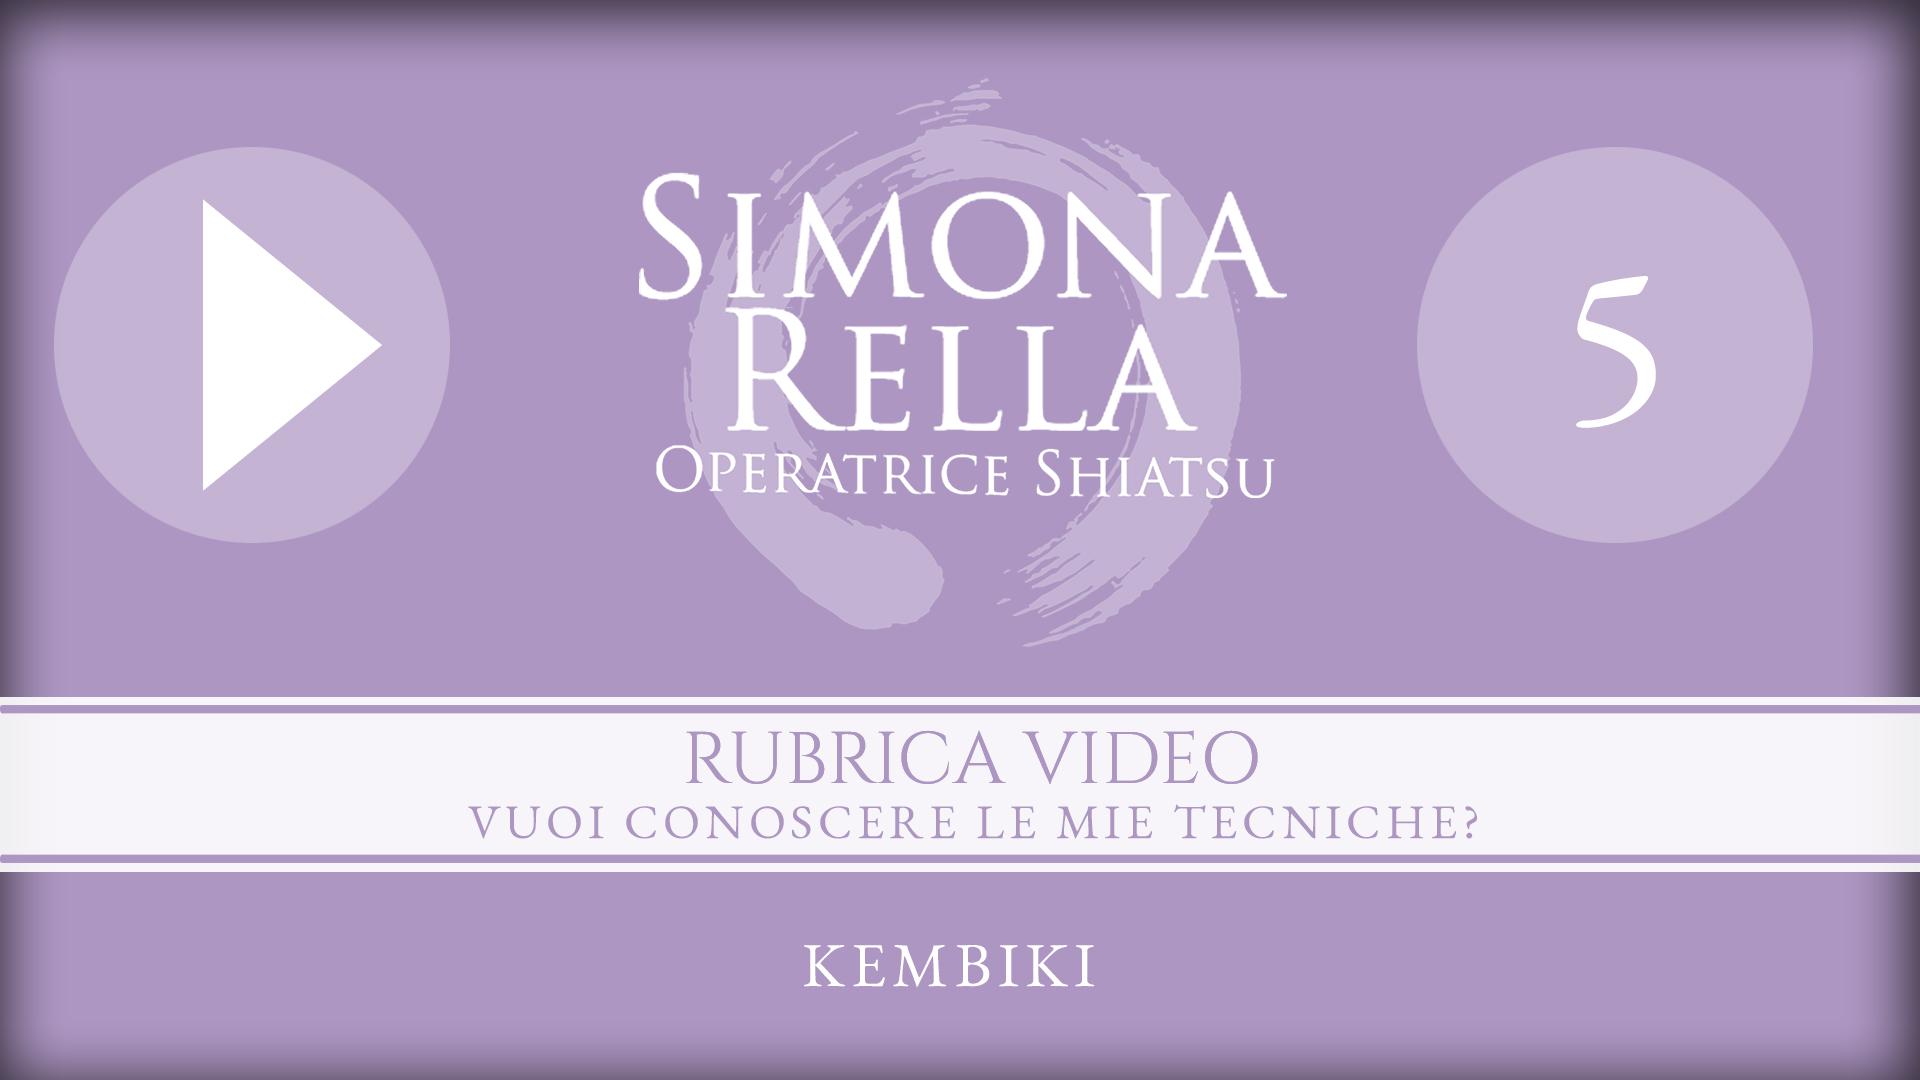 shiatsu__simona-rella__RUBRICA-VIDEO-5__KEMBIKI__